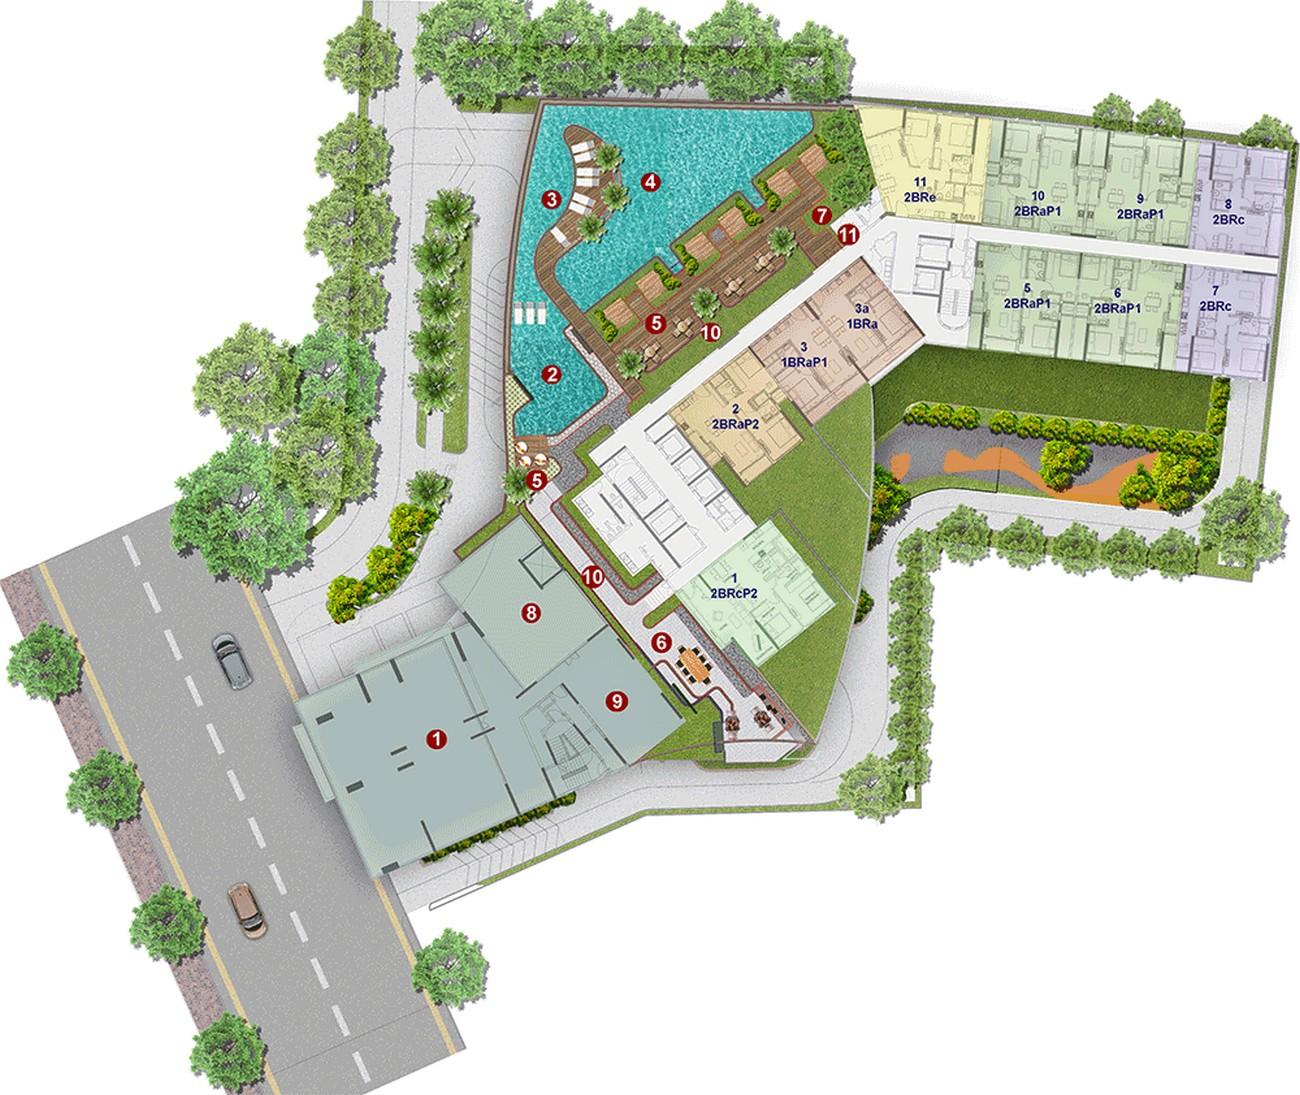 Mặt bằng dự án Căn Hộ chung cư Compass One Thủ Dầu Một Đường Hoàng Văn Thụ chủ đầu tư Tây Hồ